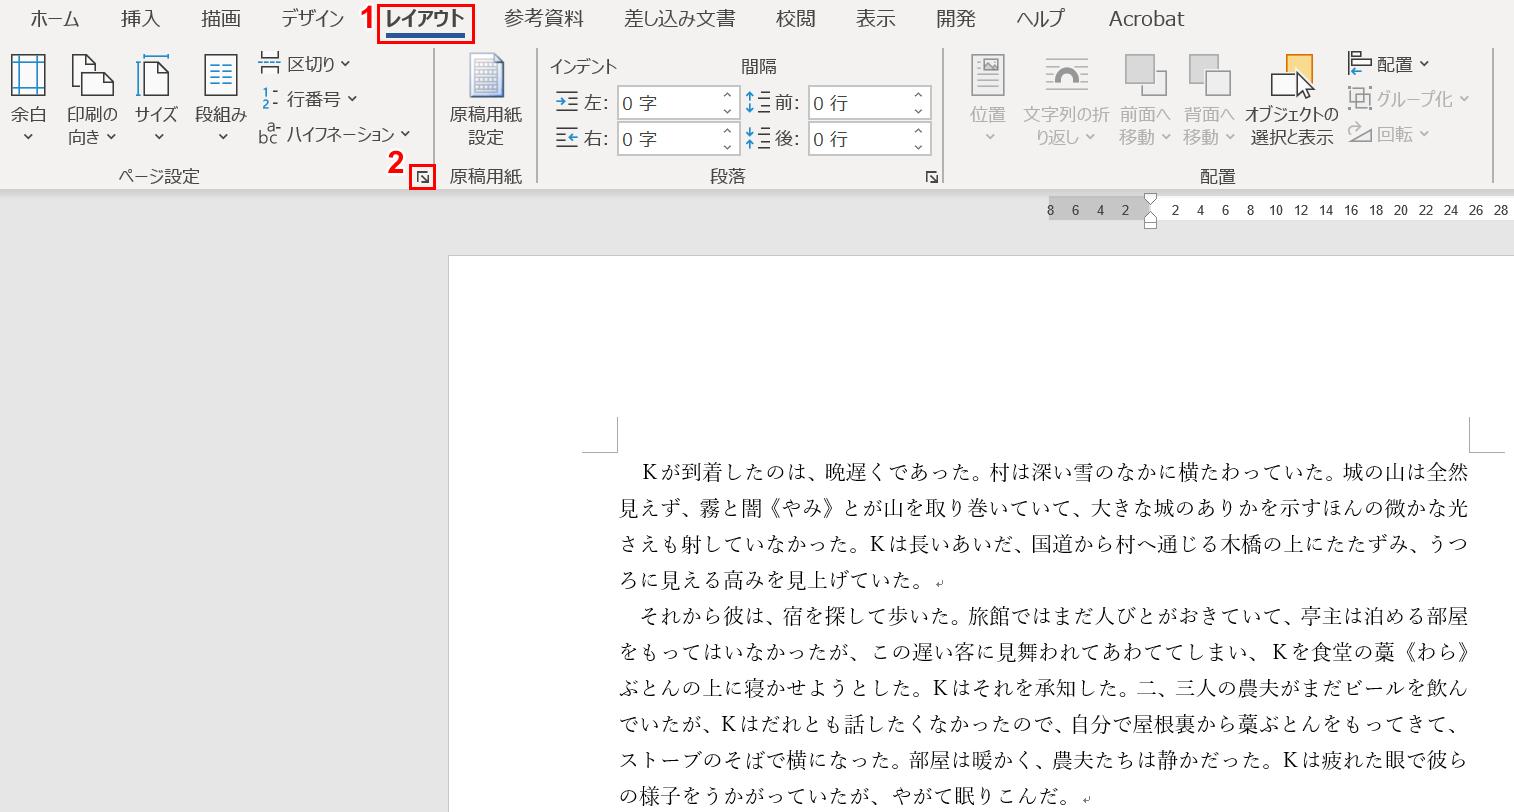 ページ設定ダイアログボックスボックス起動ツールの選択